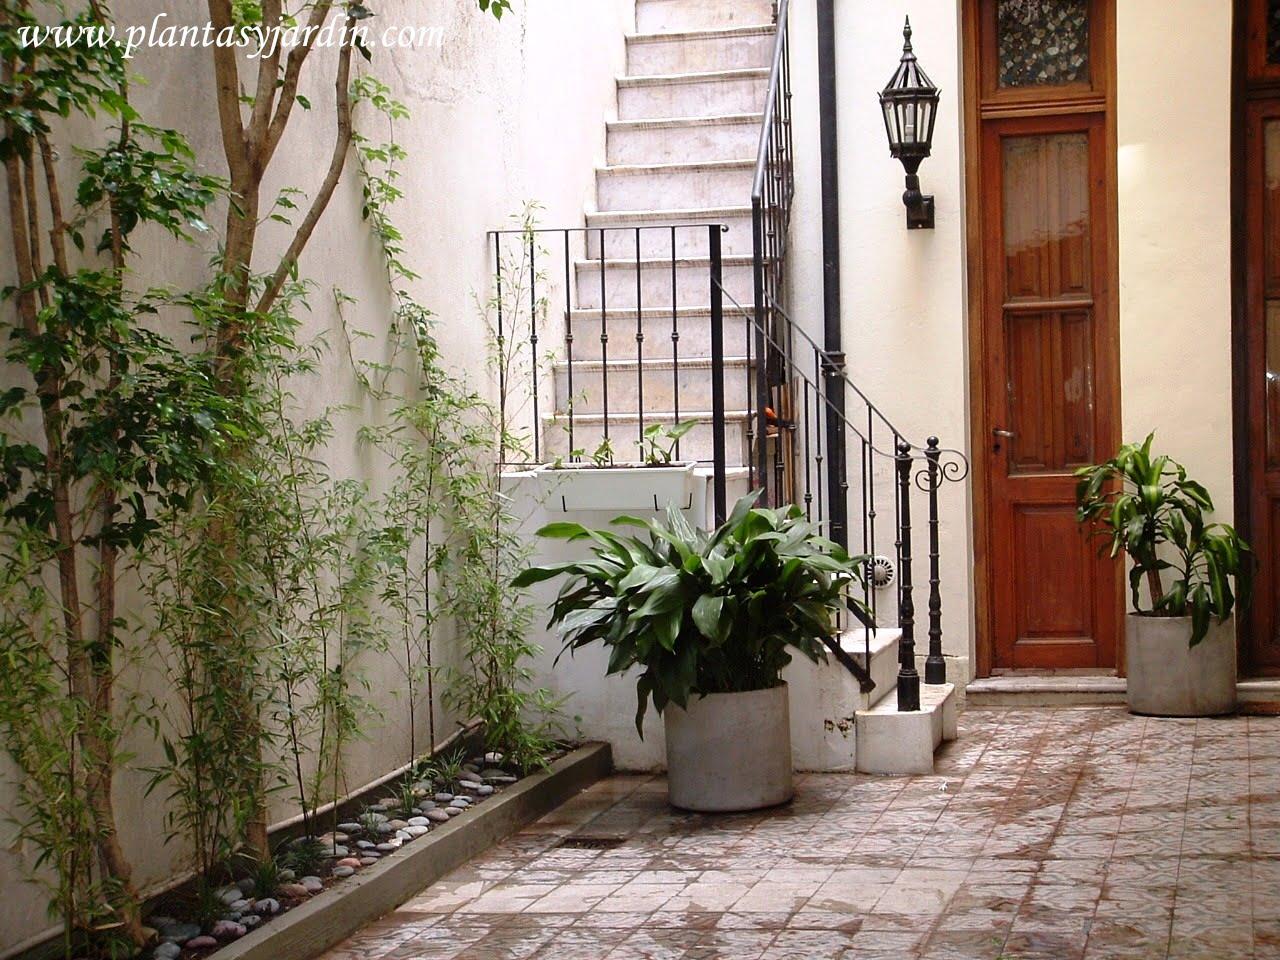 Plantas para sombra plantas jard n - Plantas para patios interiores ...